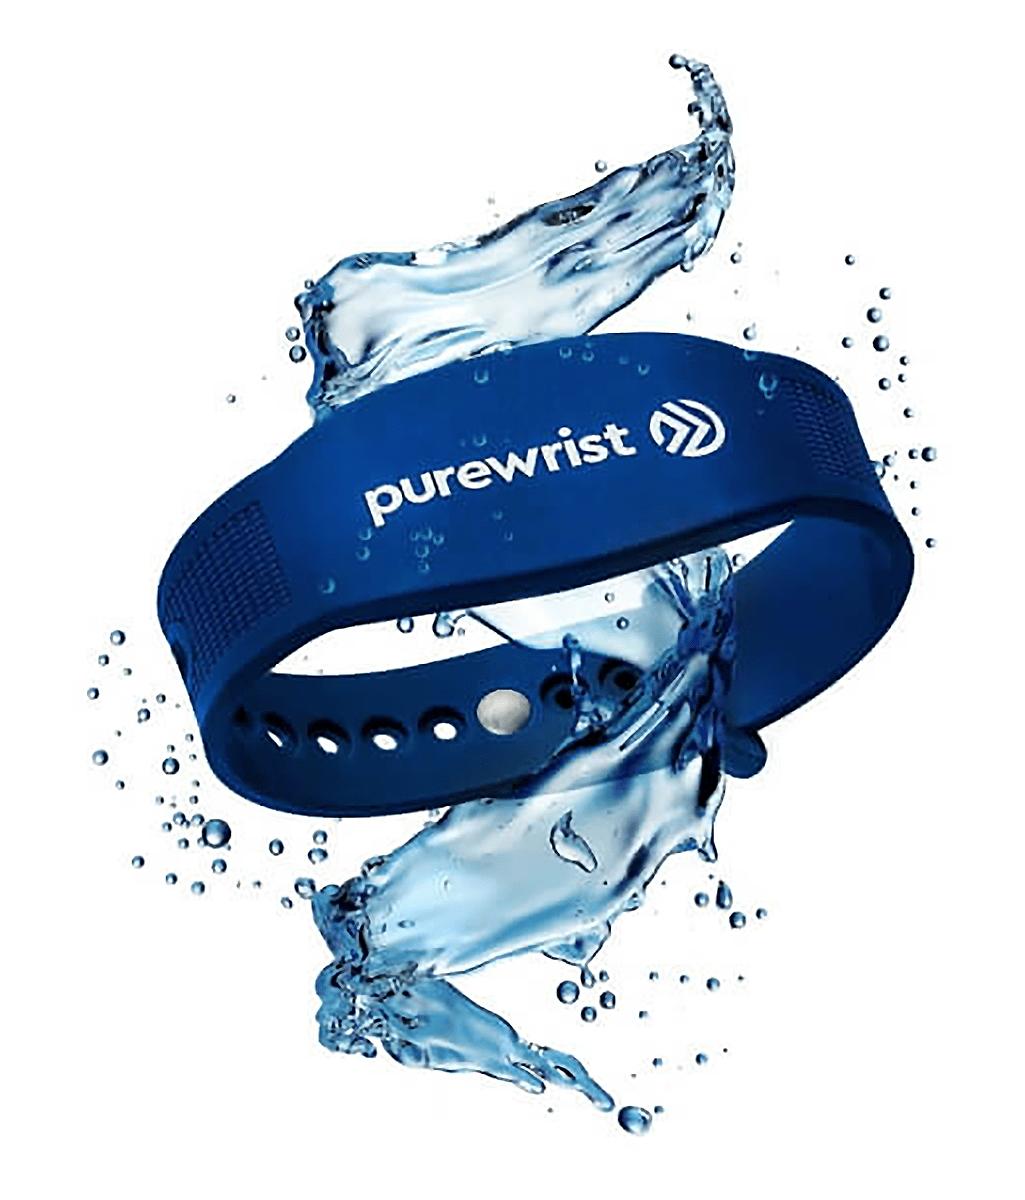 purewrist-min.png